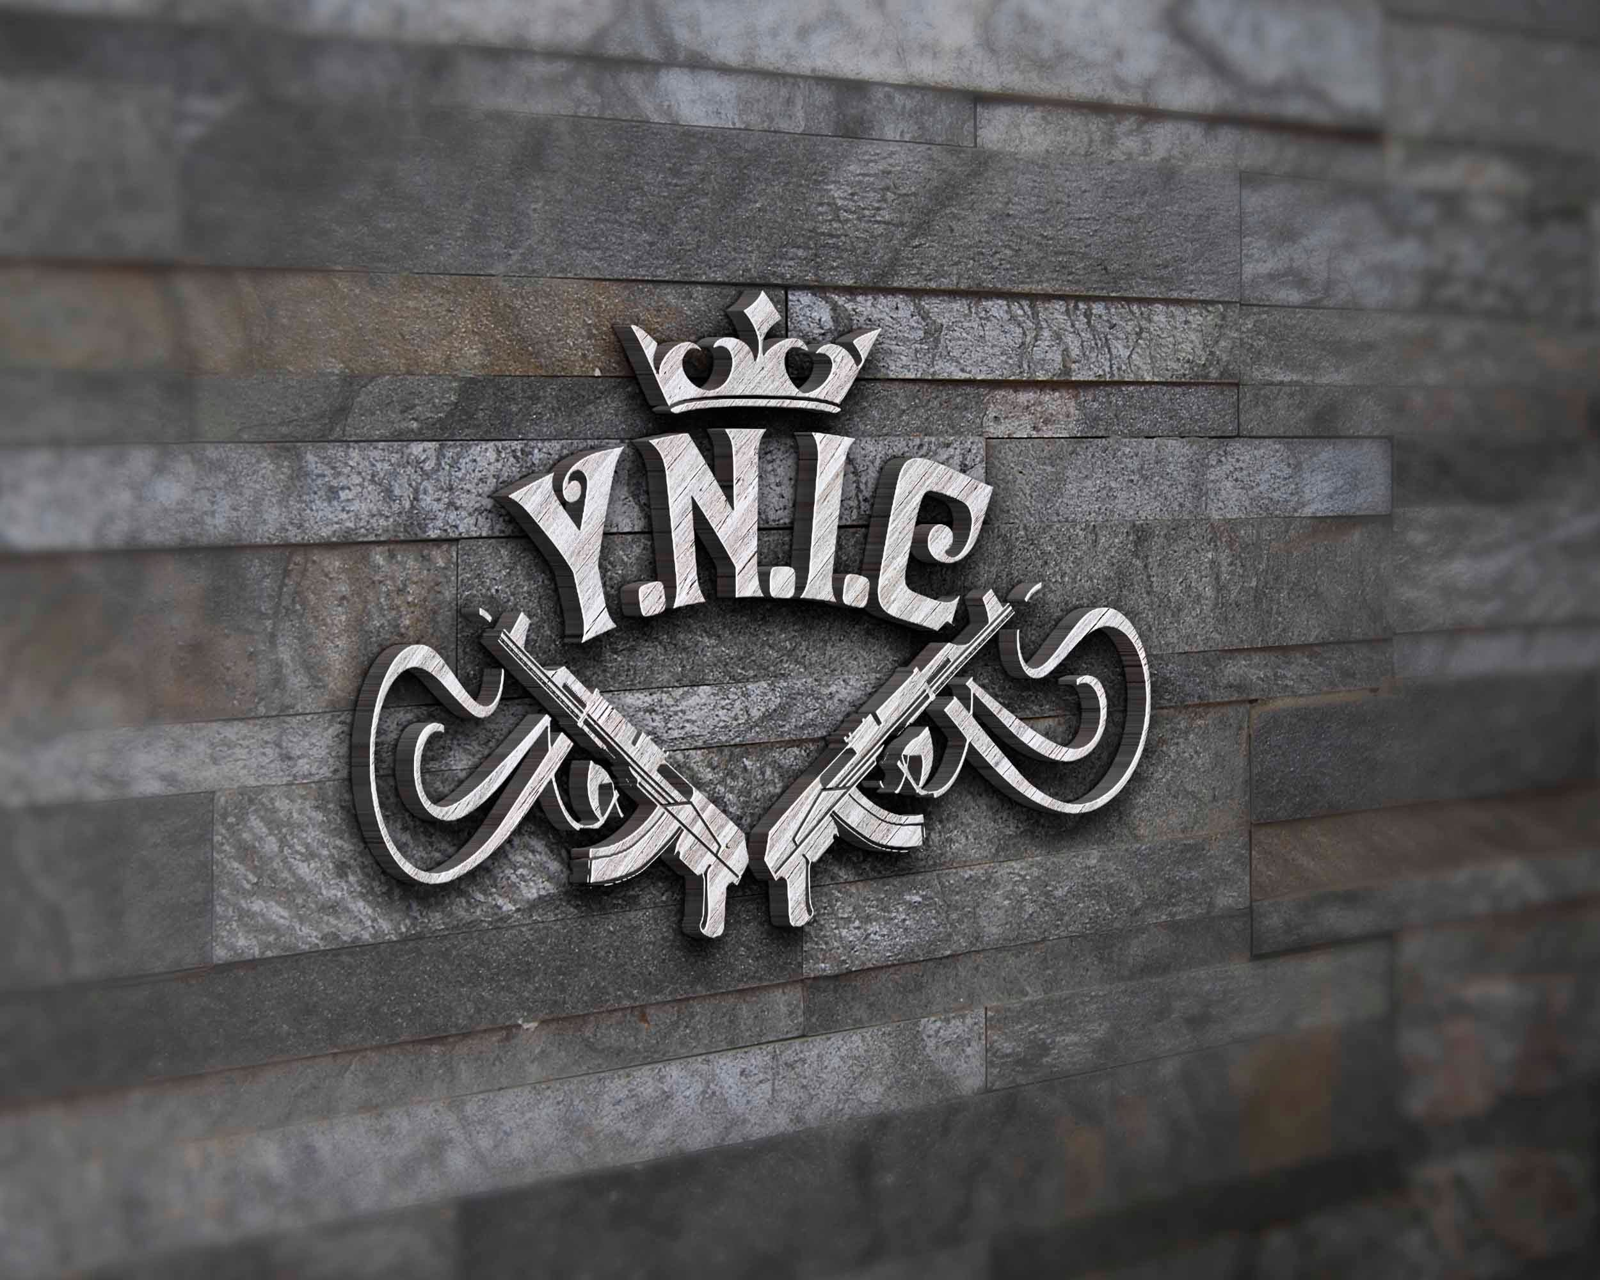 YNIC Clothing